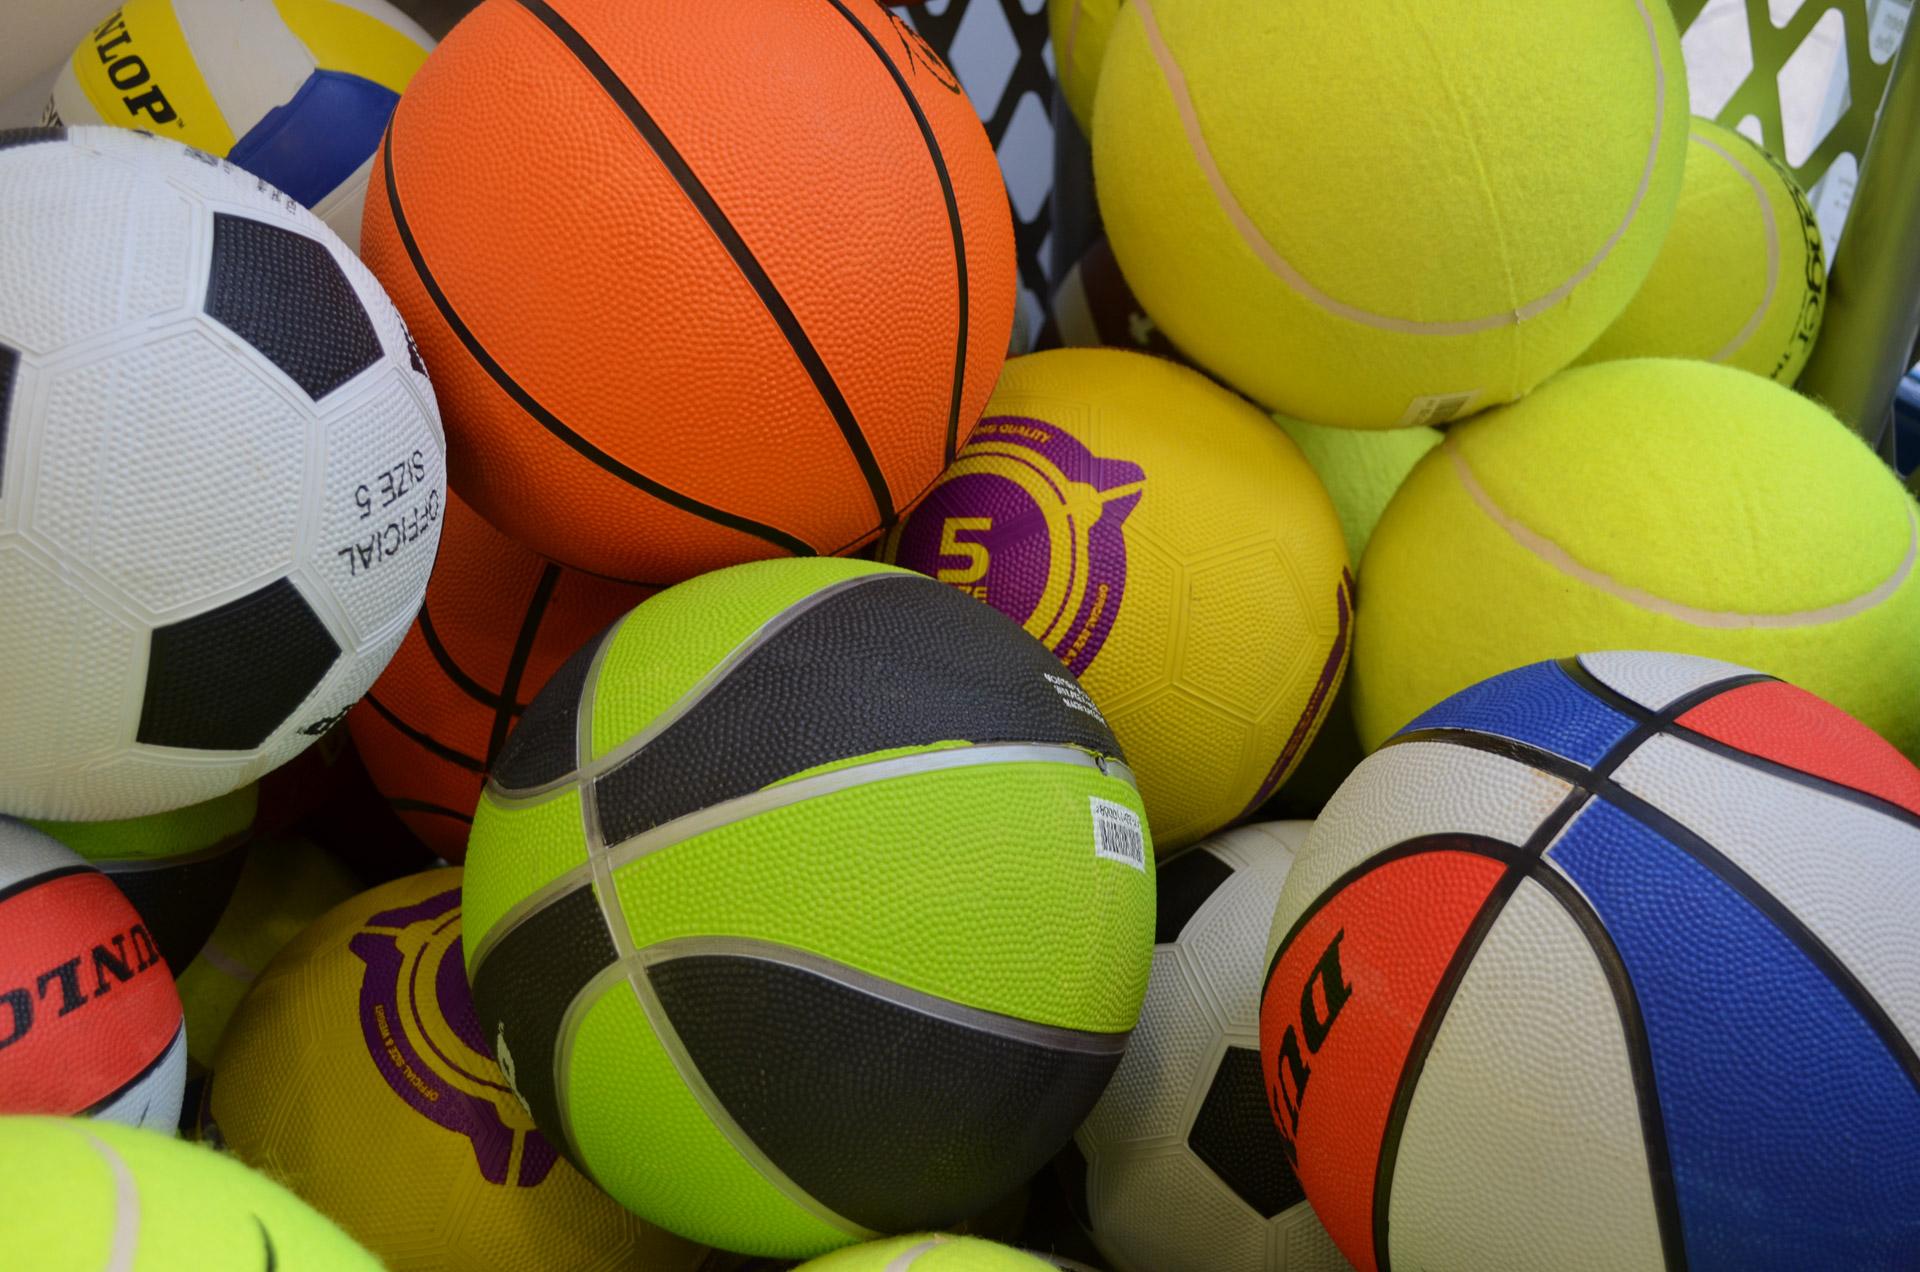 Neu ab 14.10.: Ball-Minis für Kinder ab 3